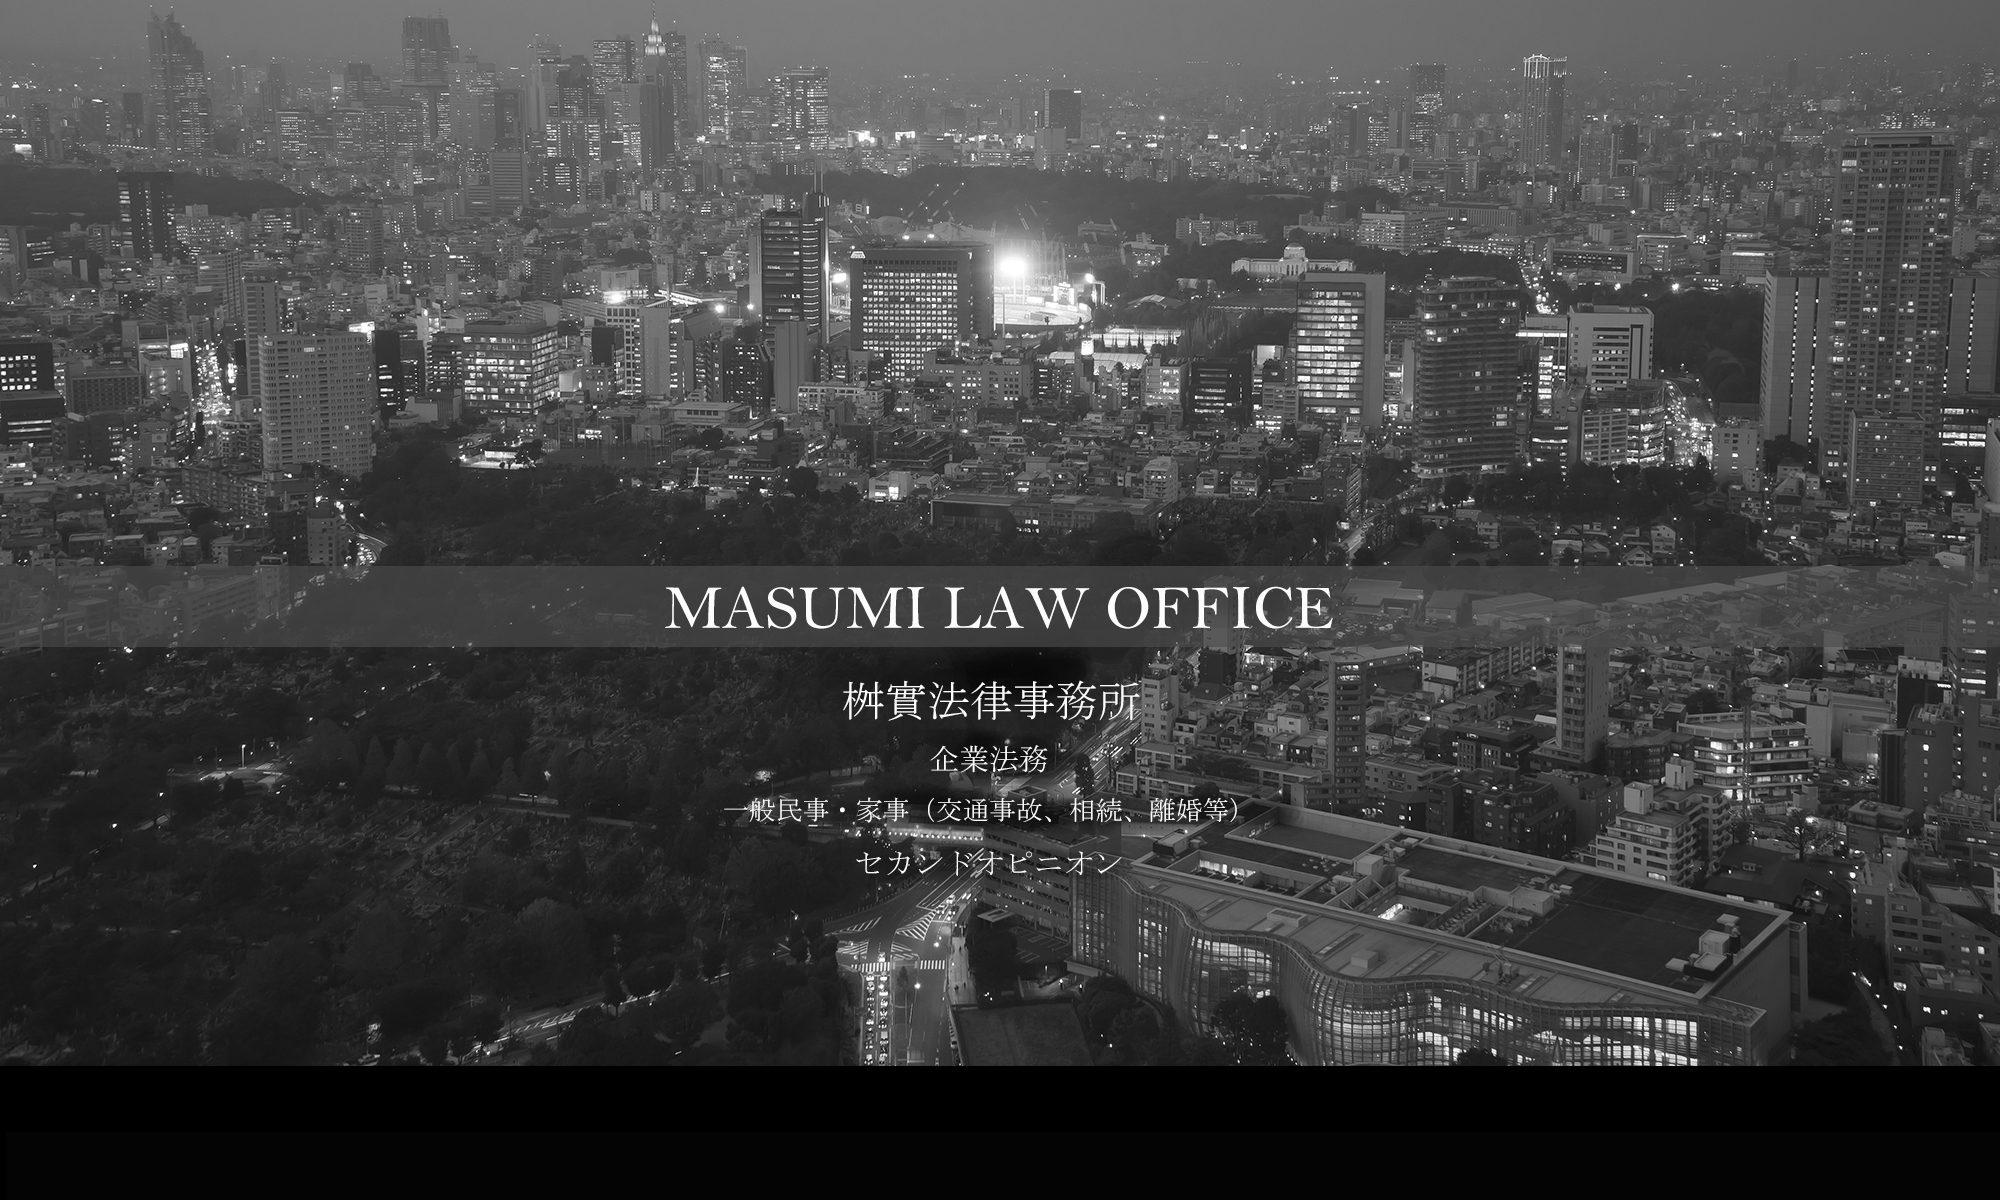 桝實法律事務所  -MASUMI LAW OFFICE-